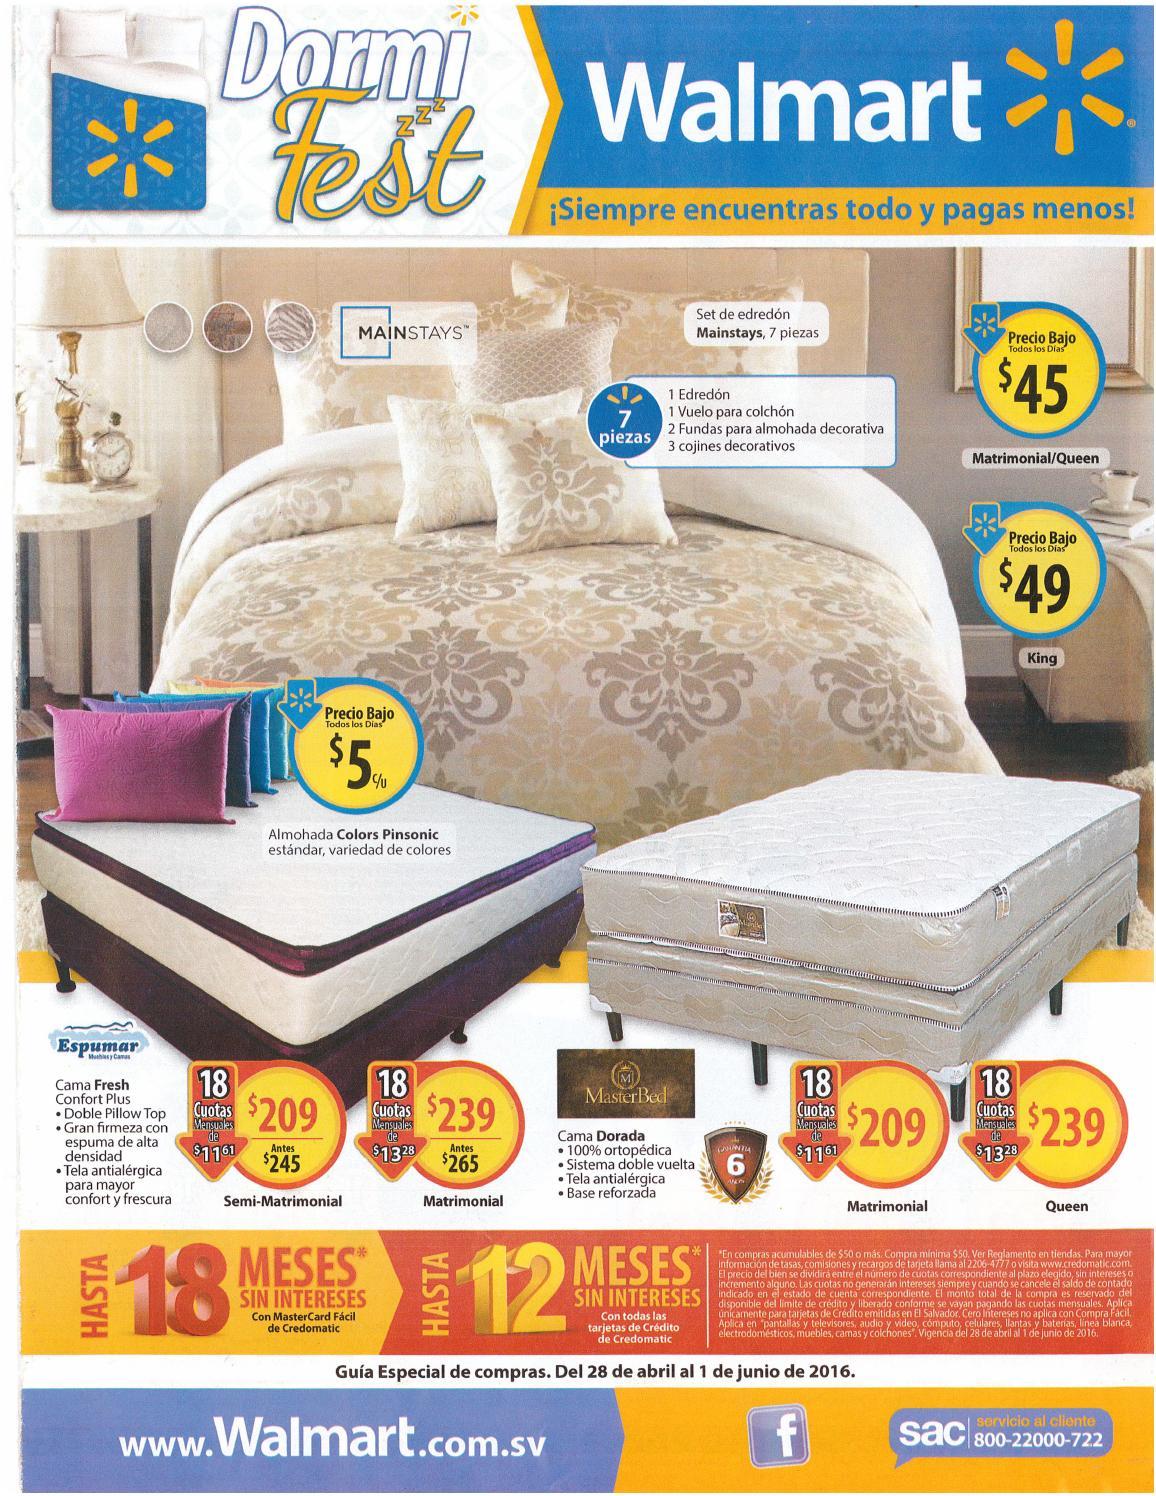 Descuentos dormi fest las mejores camas para dormir for Camas de dormir